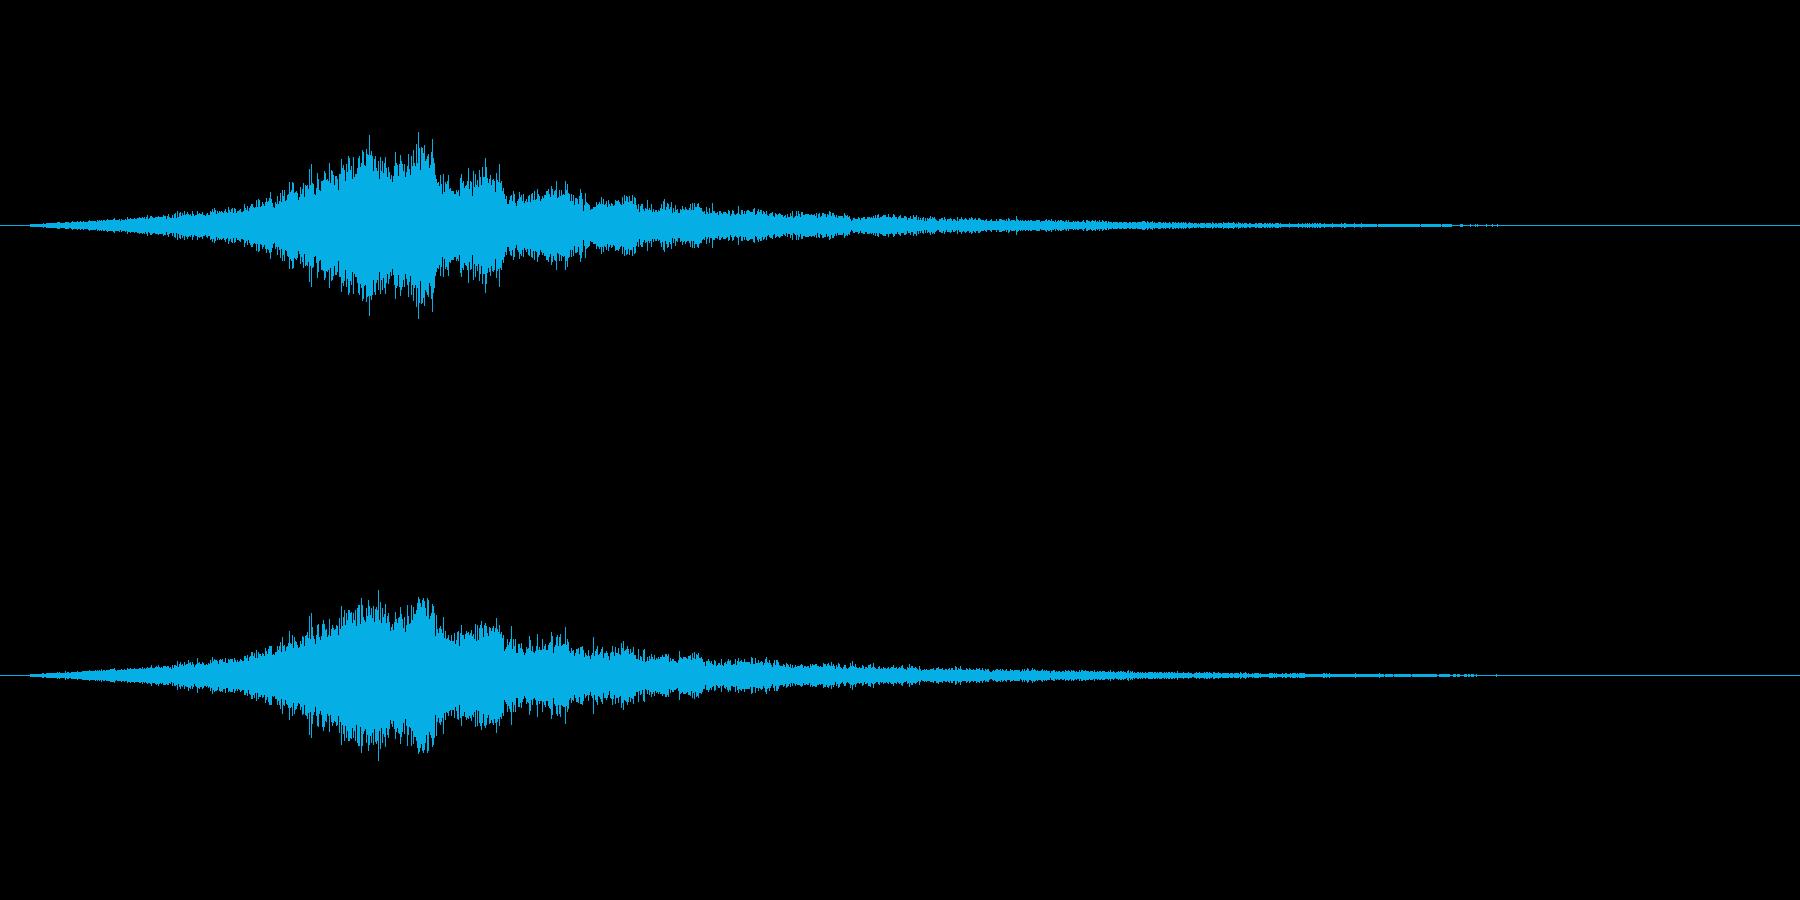 【ショートブリッジ21-2】の再生済みの波形